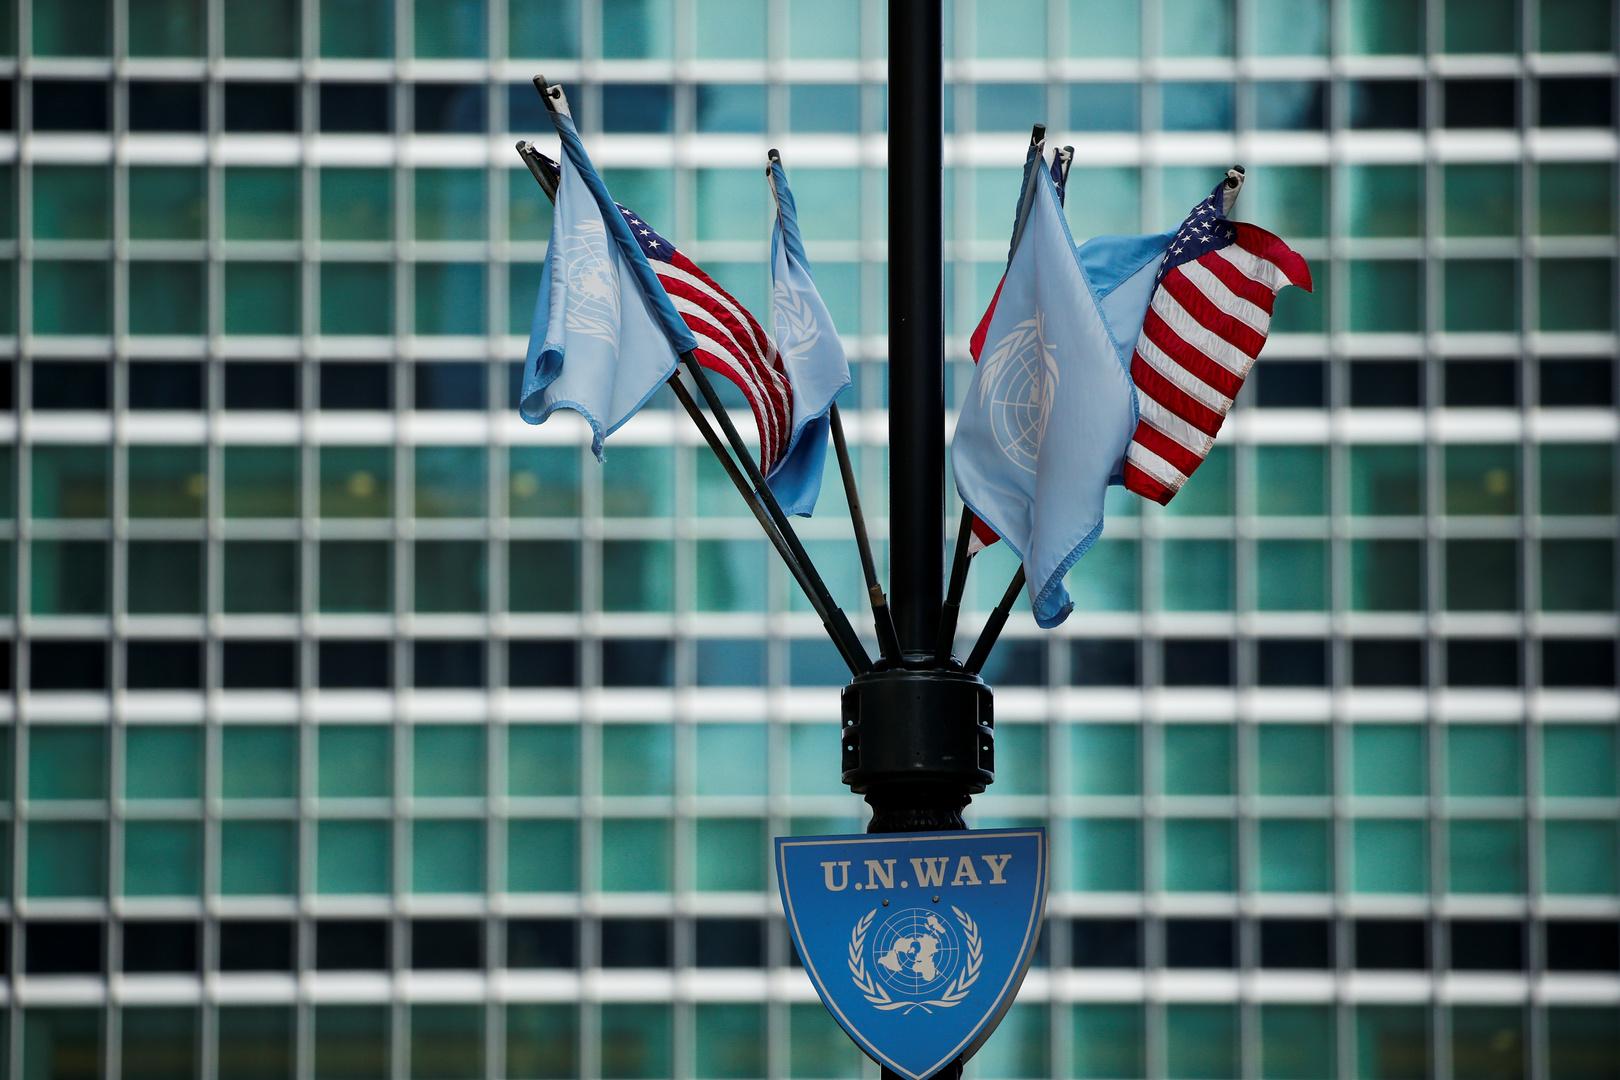 الأمم المتحدة: نأمل أن يمنح شطب الحوثيين من قائمة الإرهاب الأمريكية زخما لتسوية النزاع اليمني